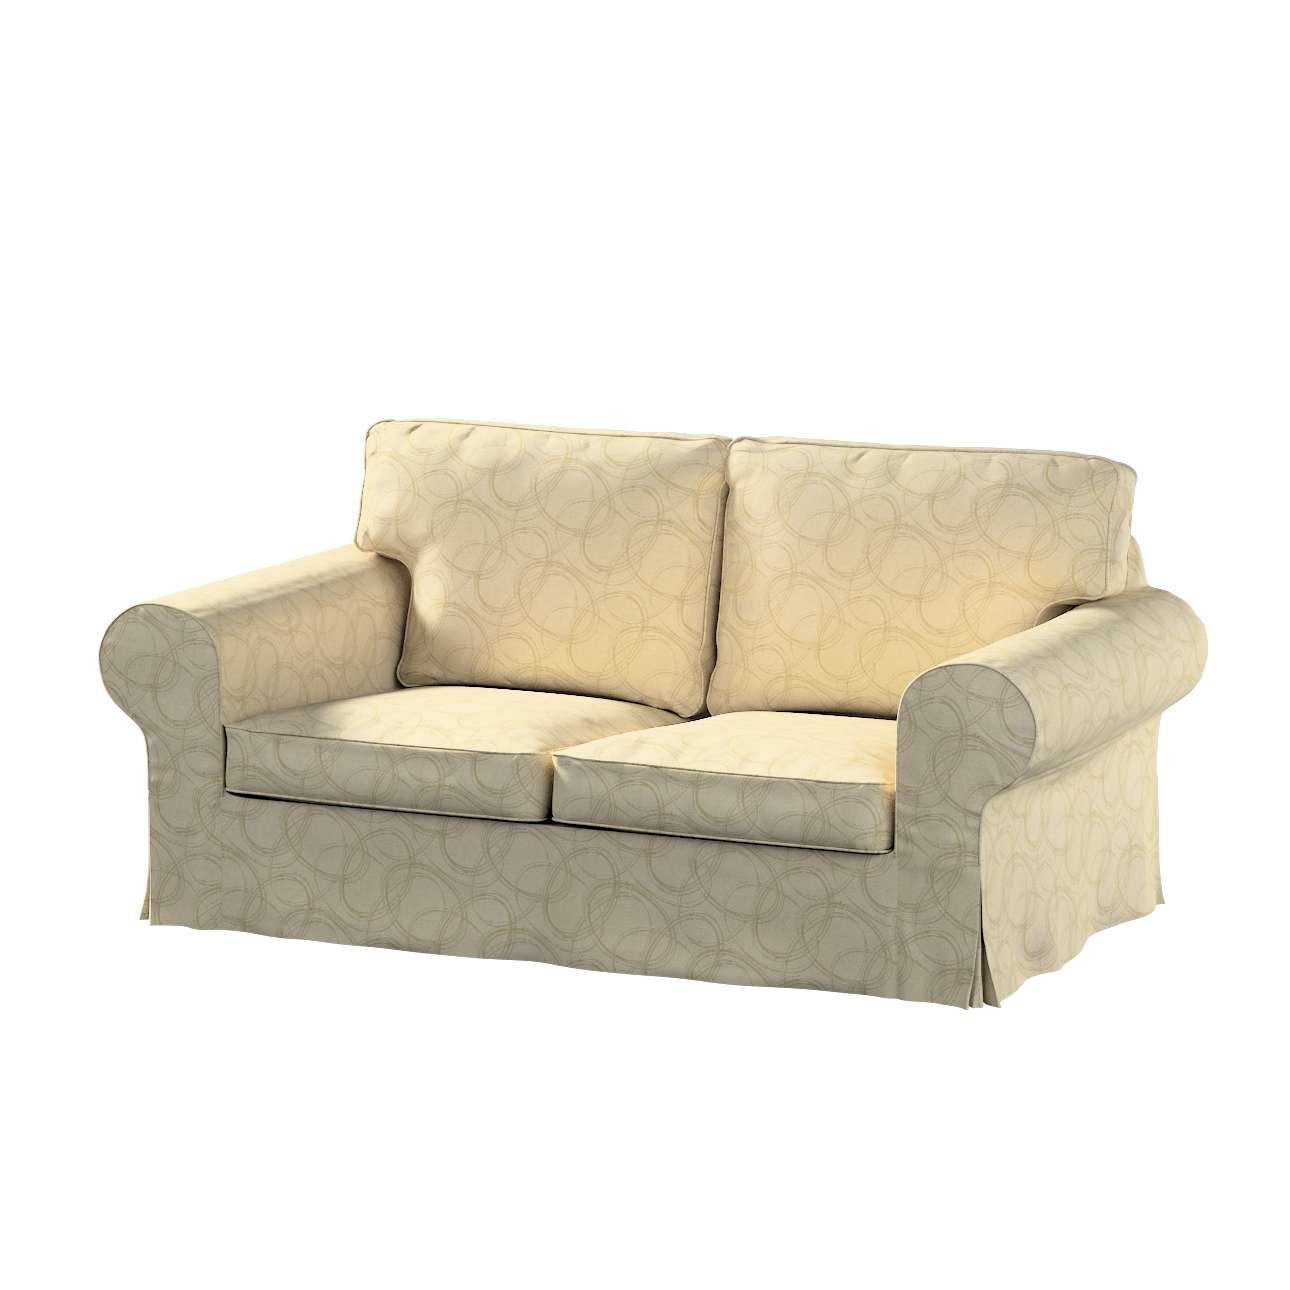 Pokrowiec na sofę Ektorp 2-osobową, rozkładaną, model do 2012 w kolekcji Living, tkanina: 161-81